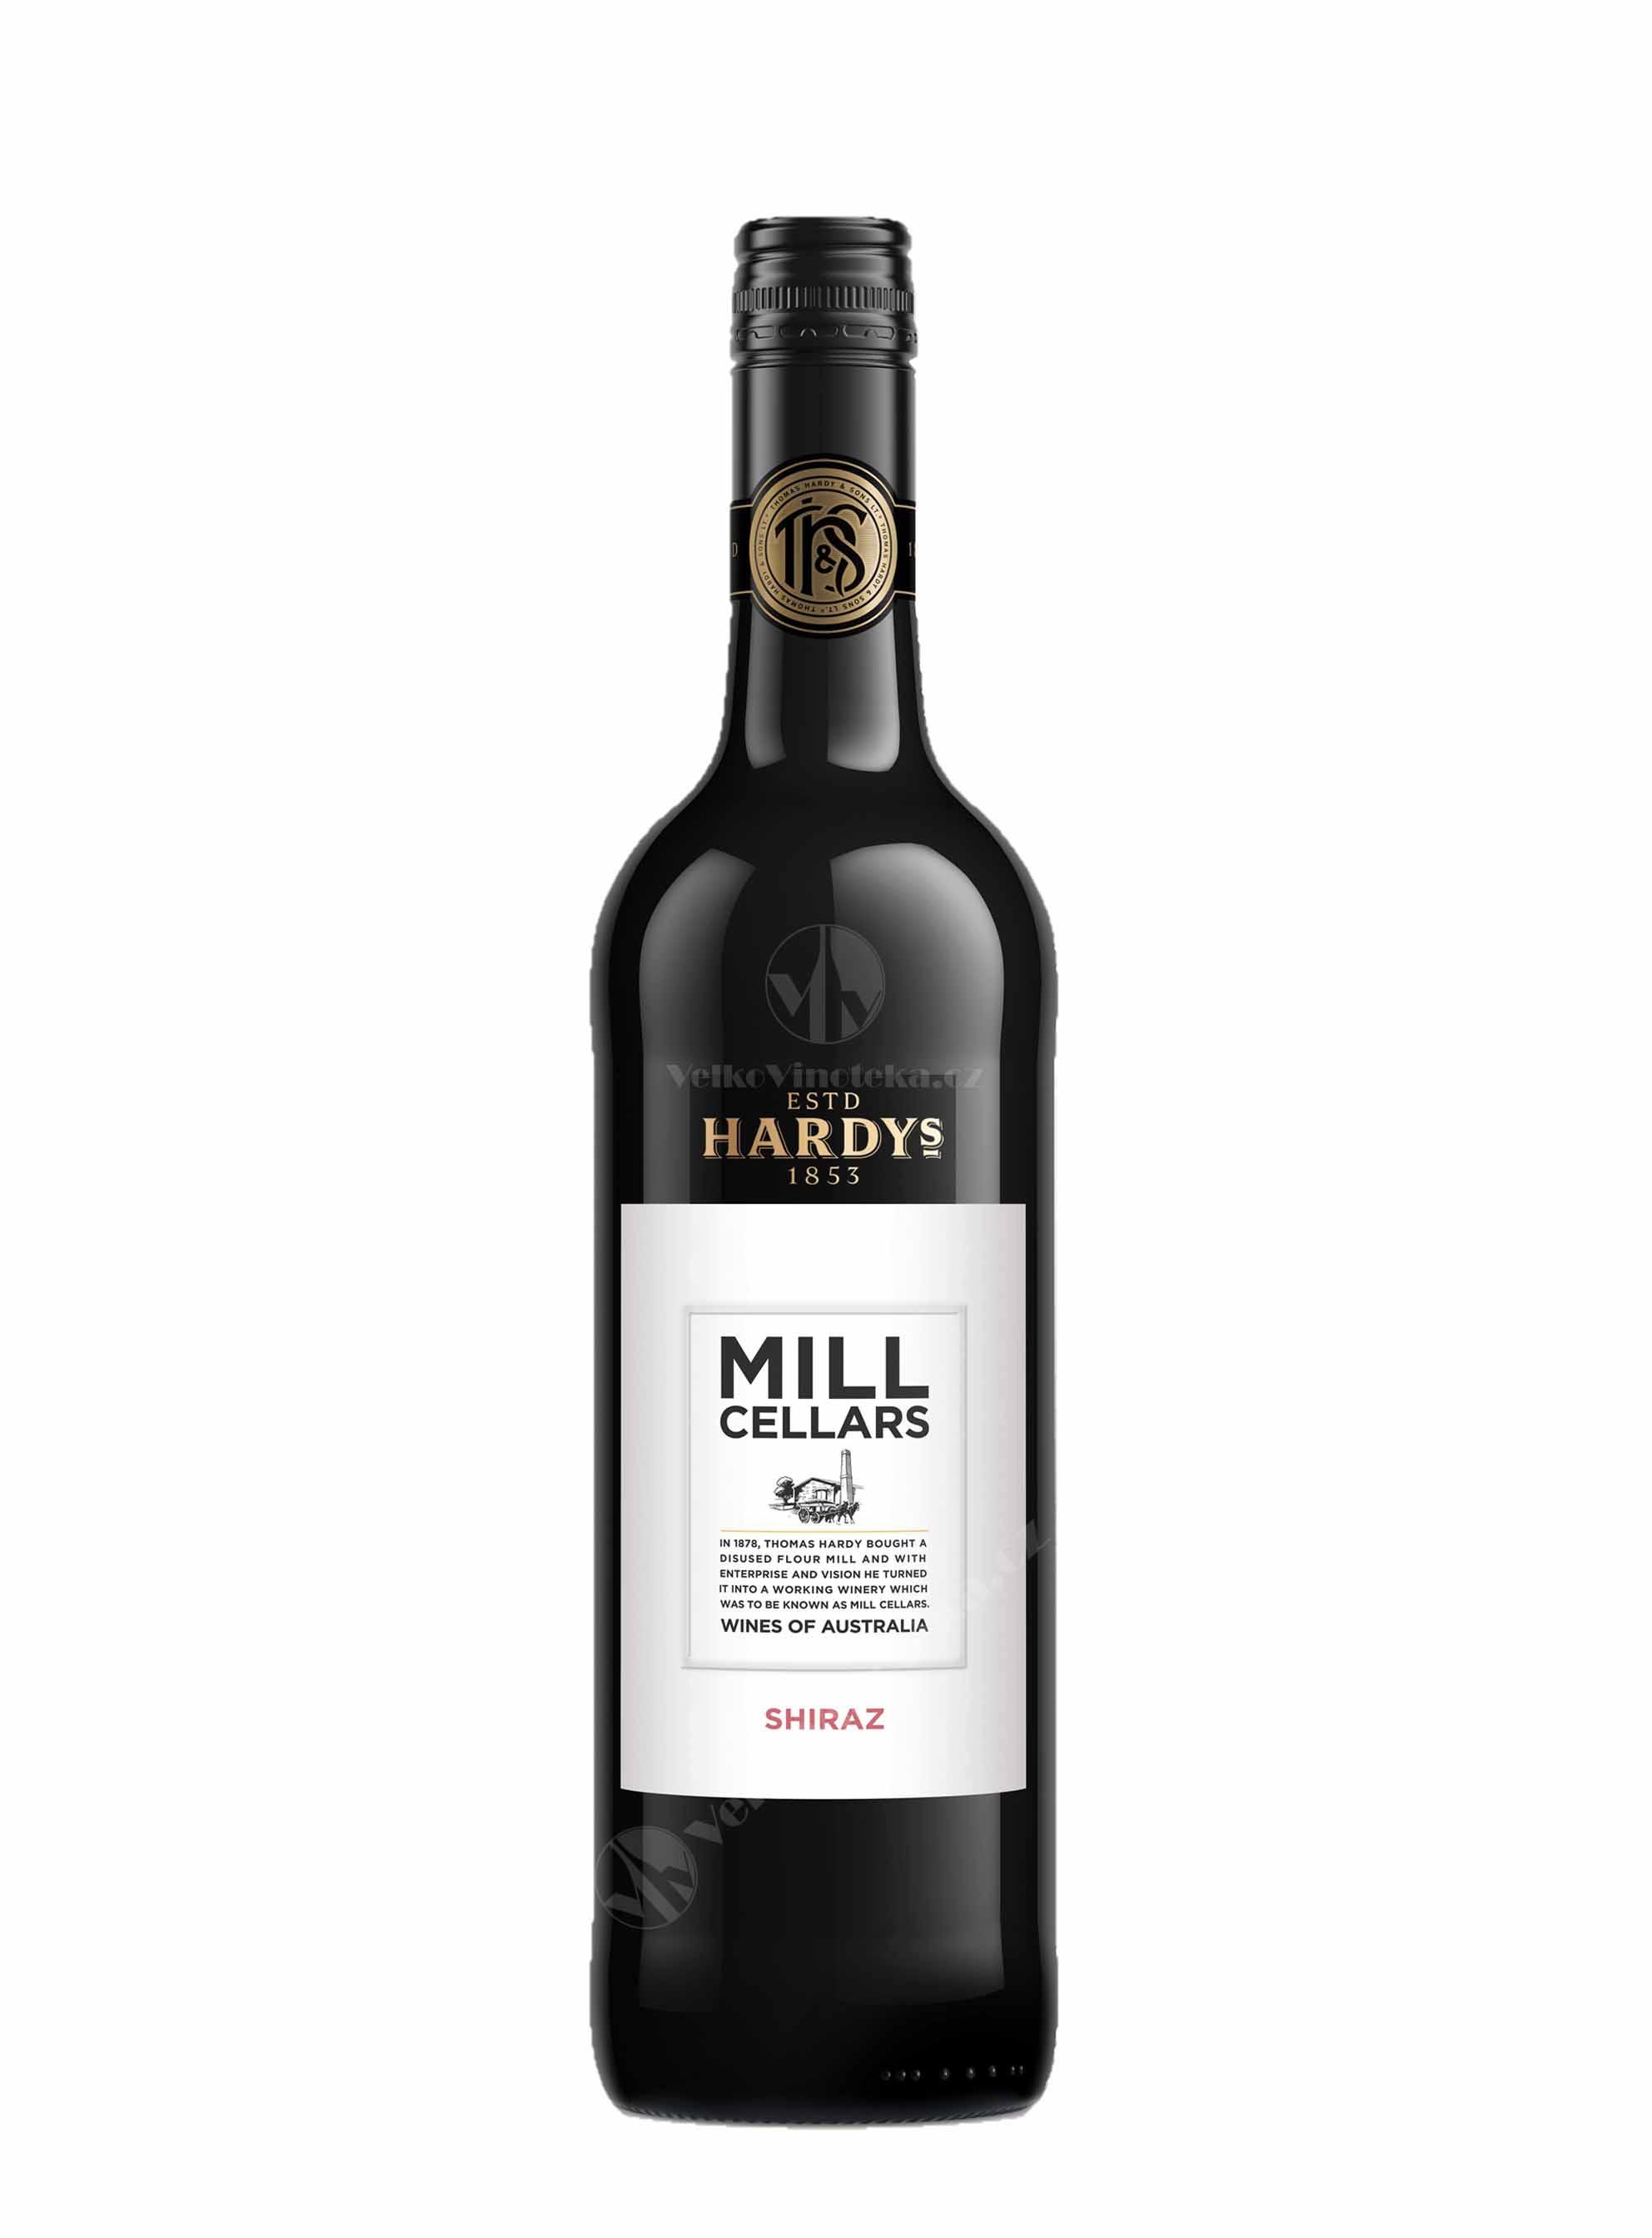 Shiraz, Mill Cellars, 2016, Hardys, 0.75 l